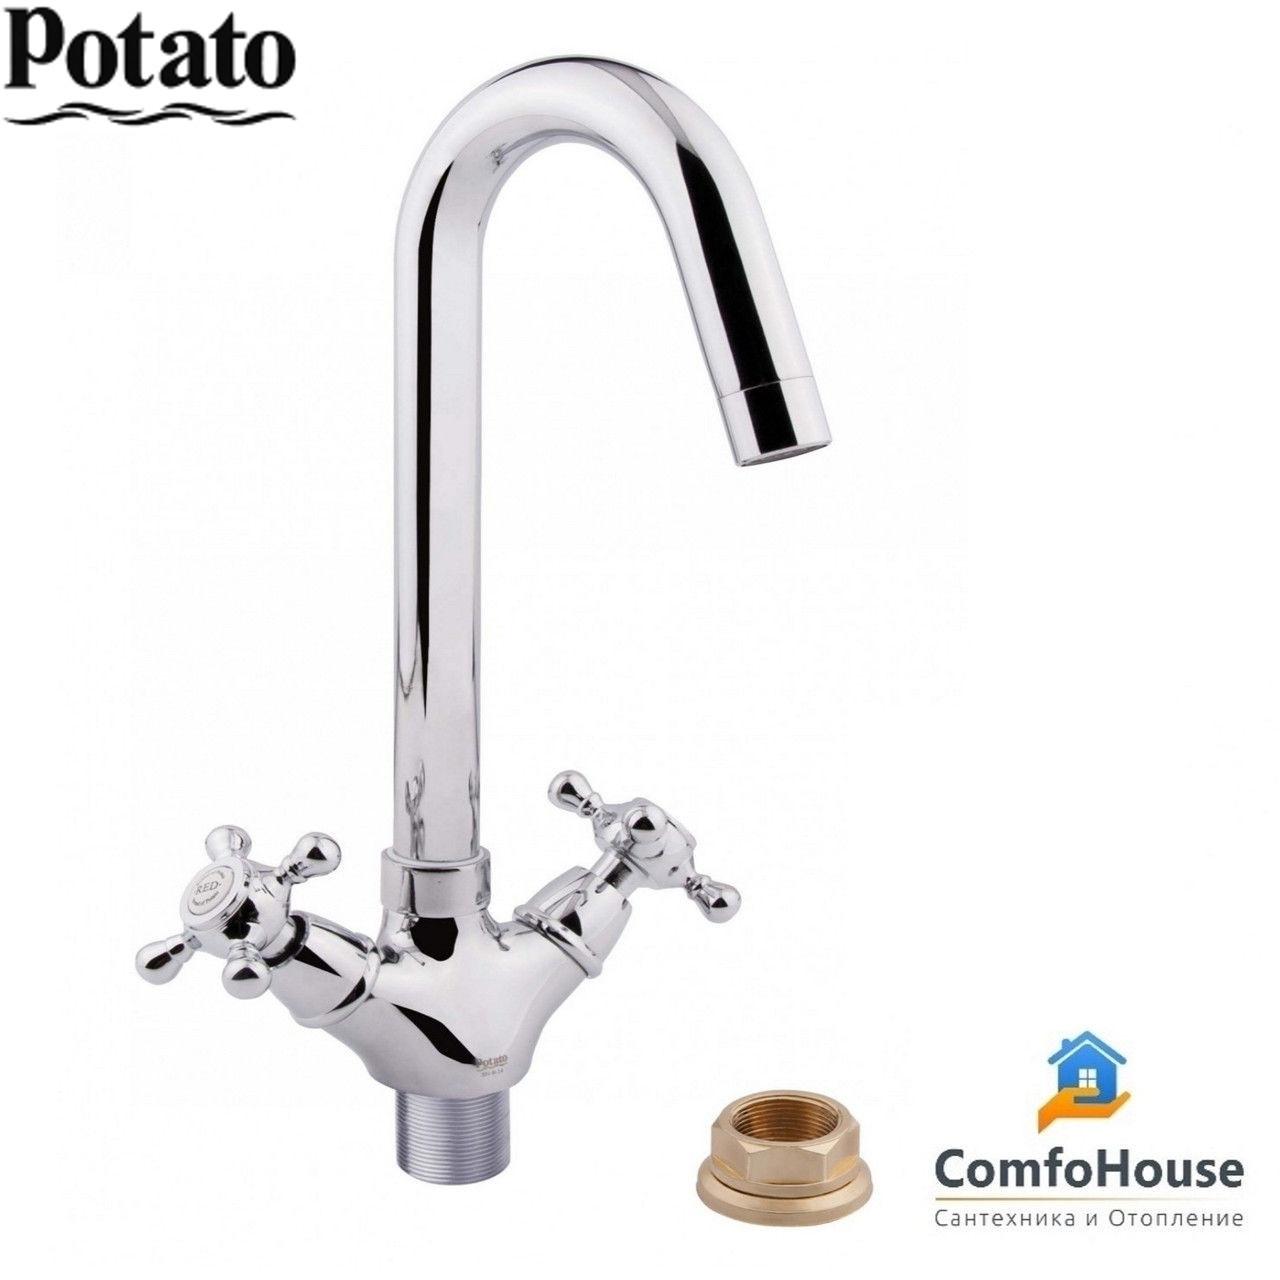 Смеситель для кухни Potato P6660 (высокий излив, буксовый)